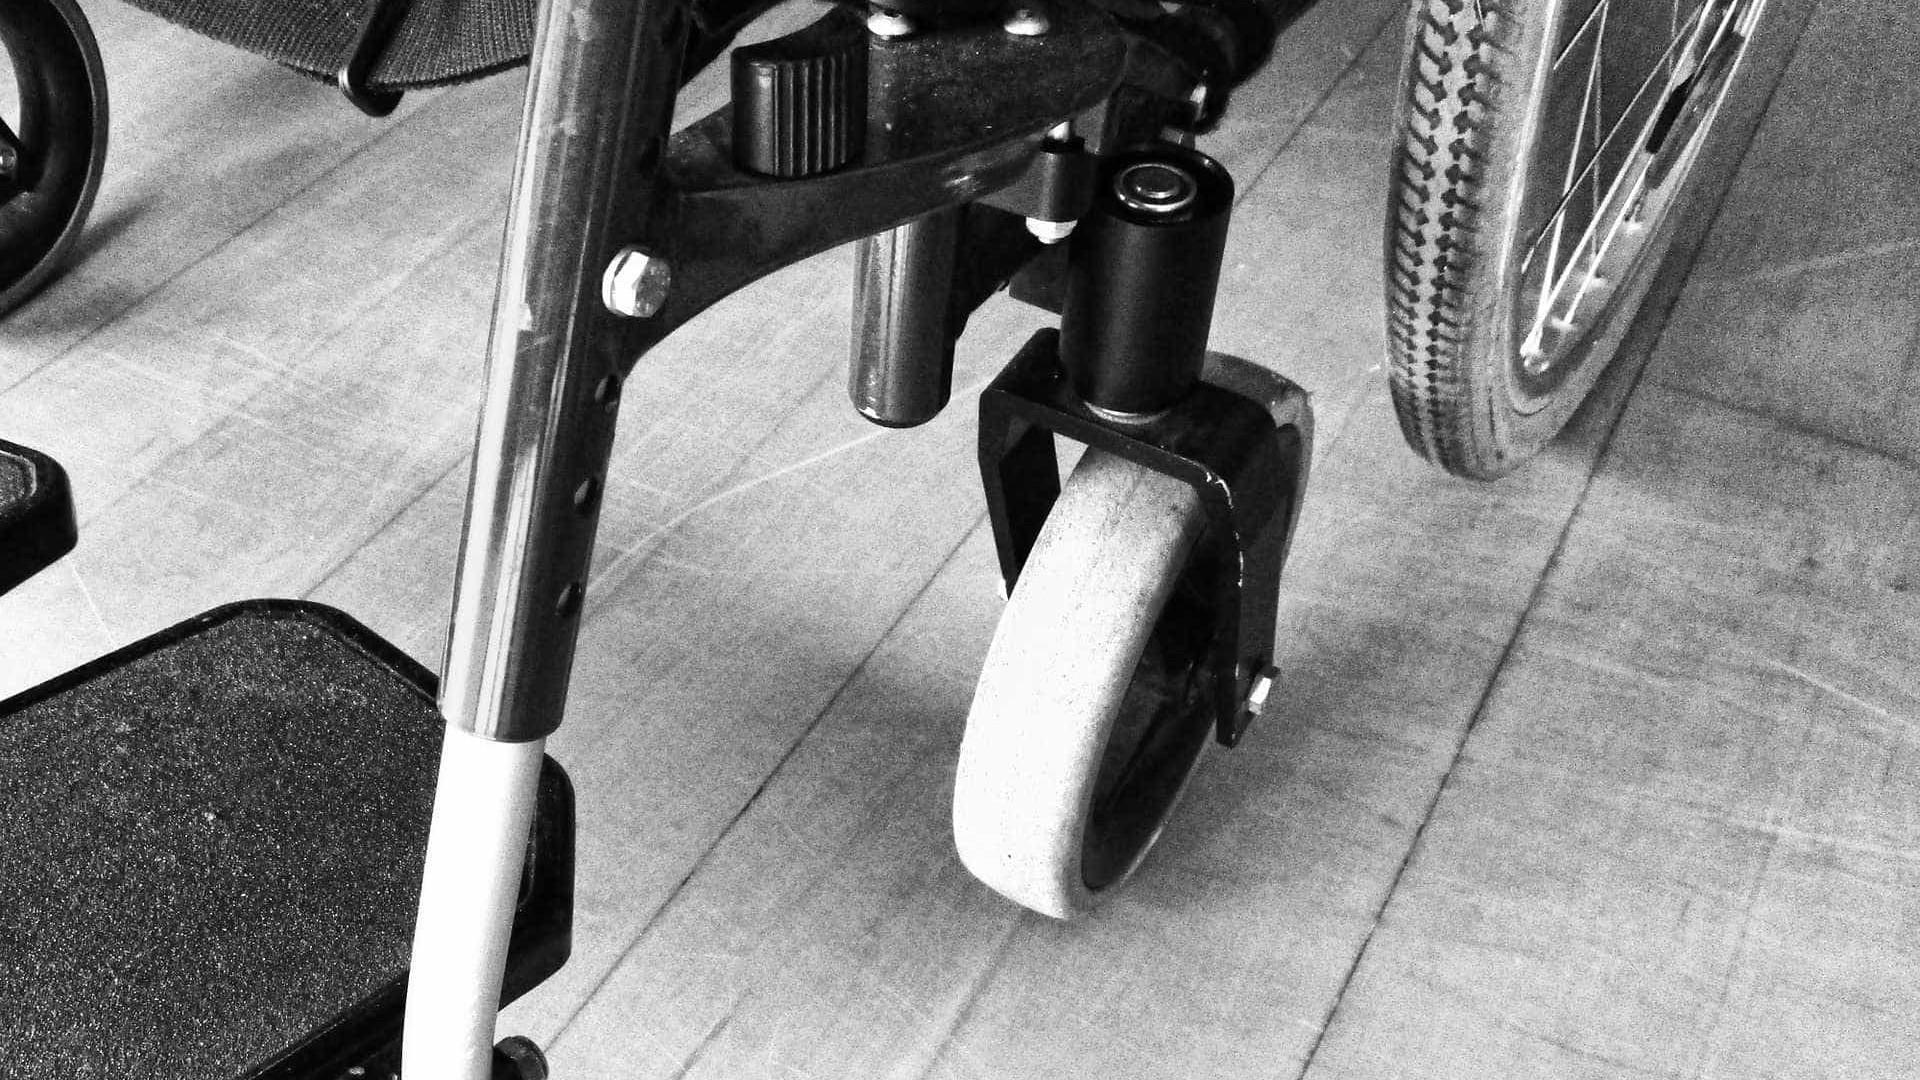 Mesmo com crise, avança número de pessoas com deficiência empregadas